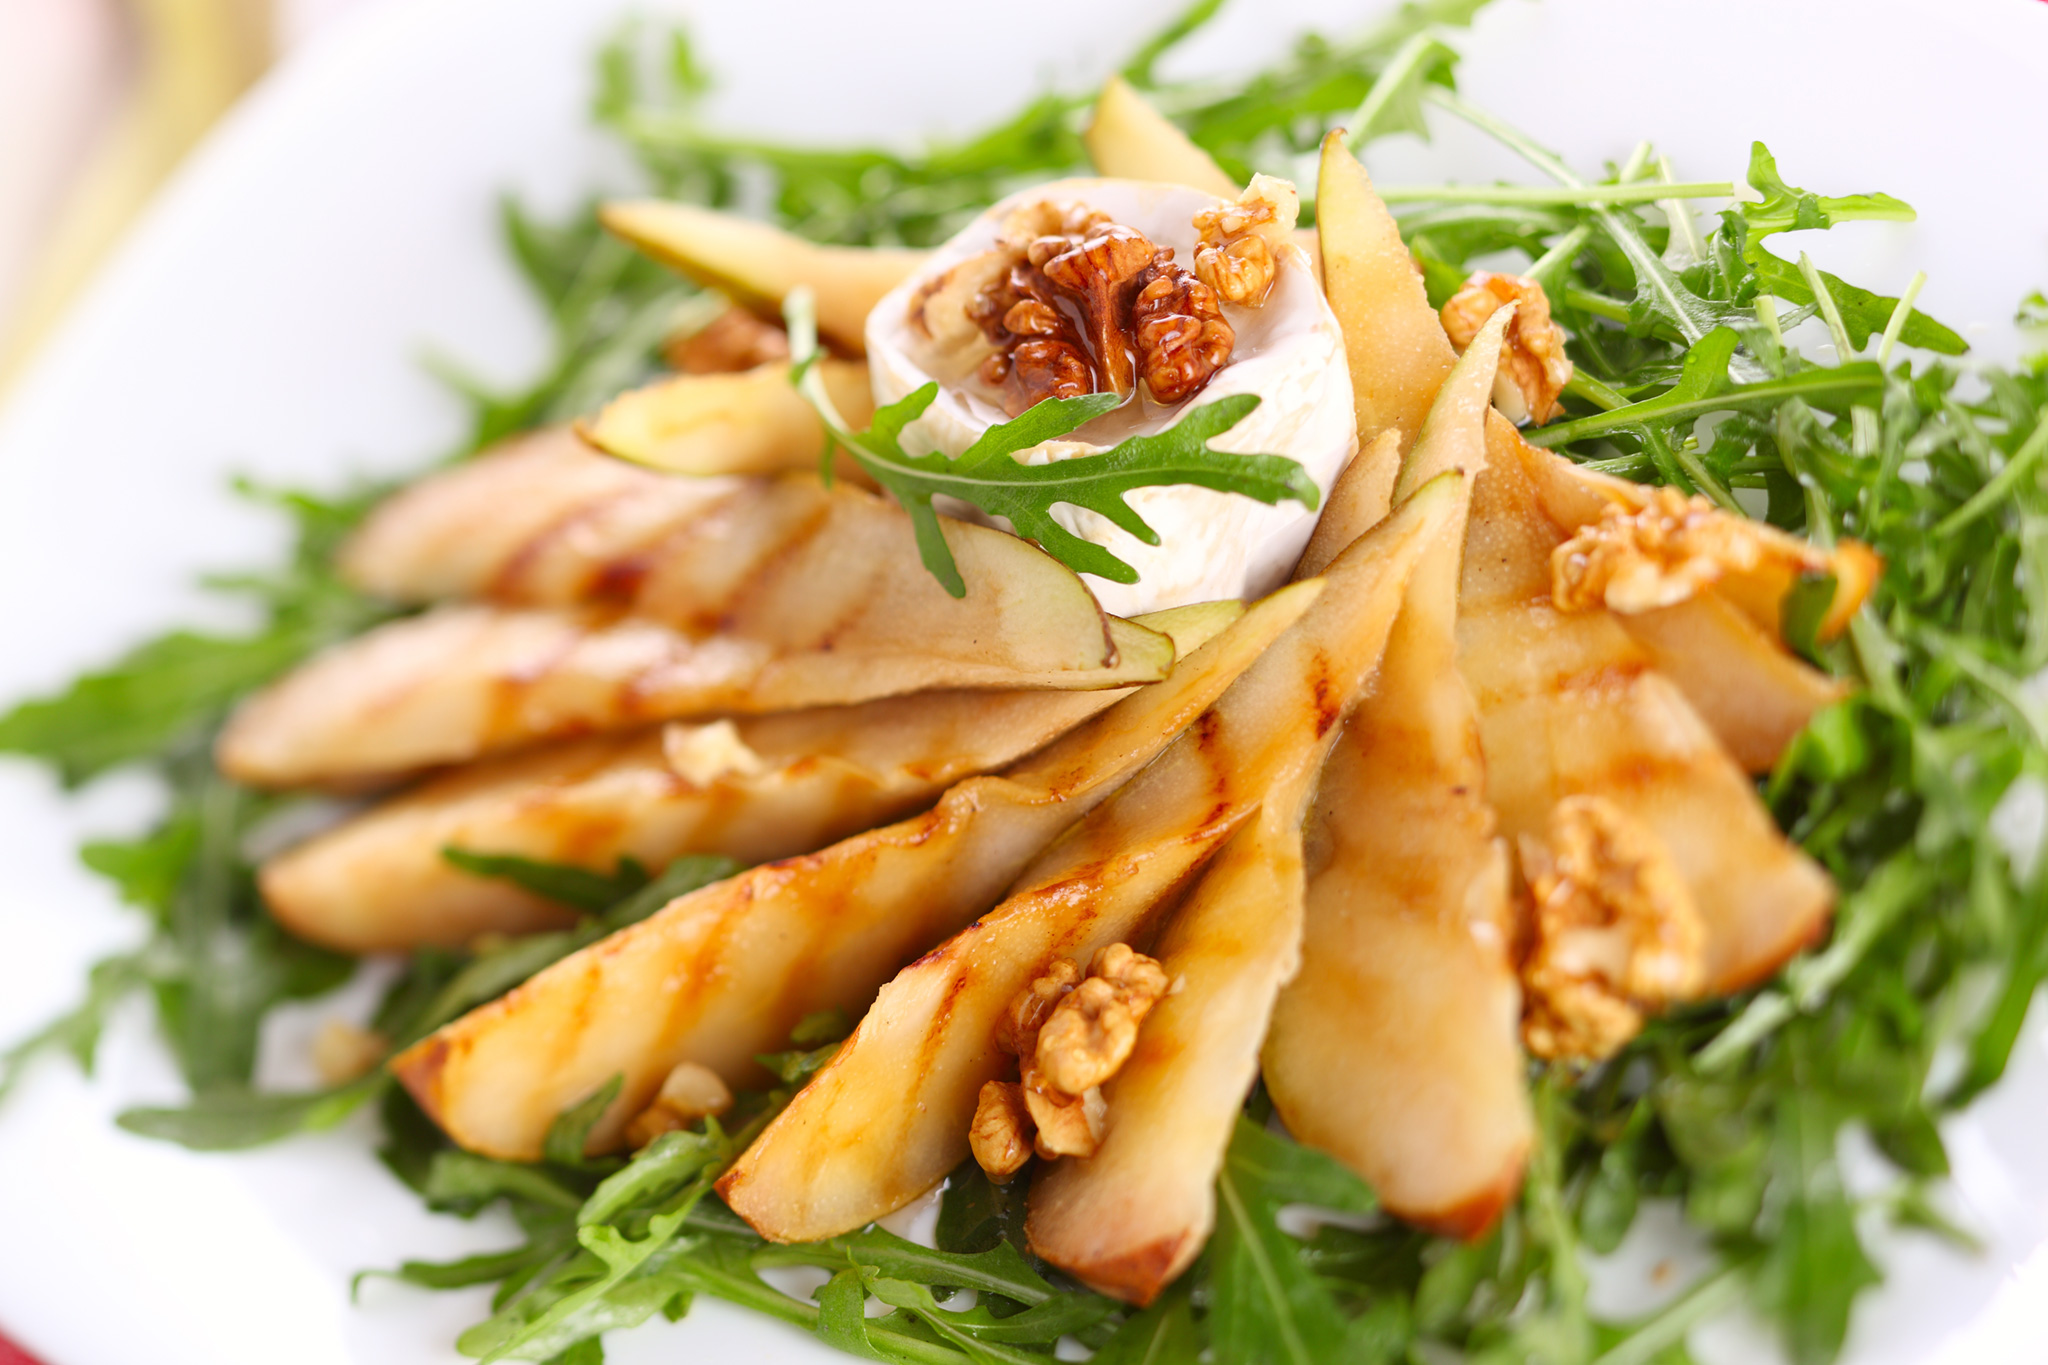 Салат из груши и орехов на гриле с козьим сыром